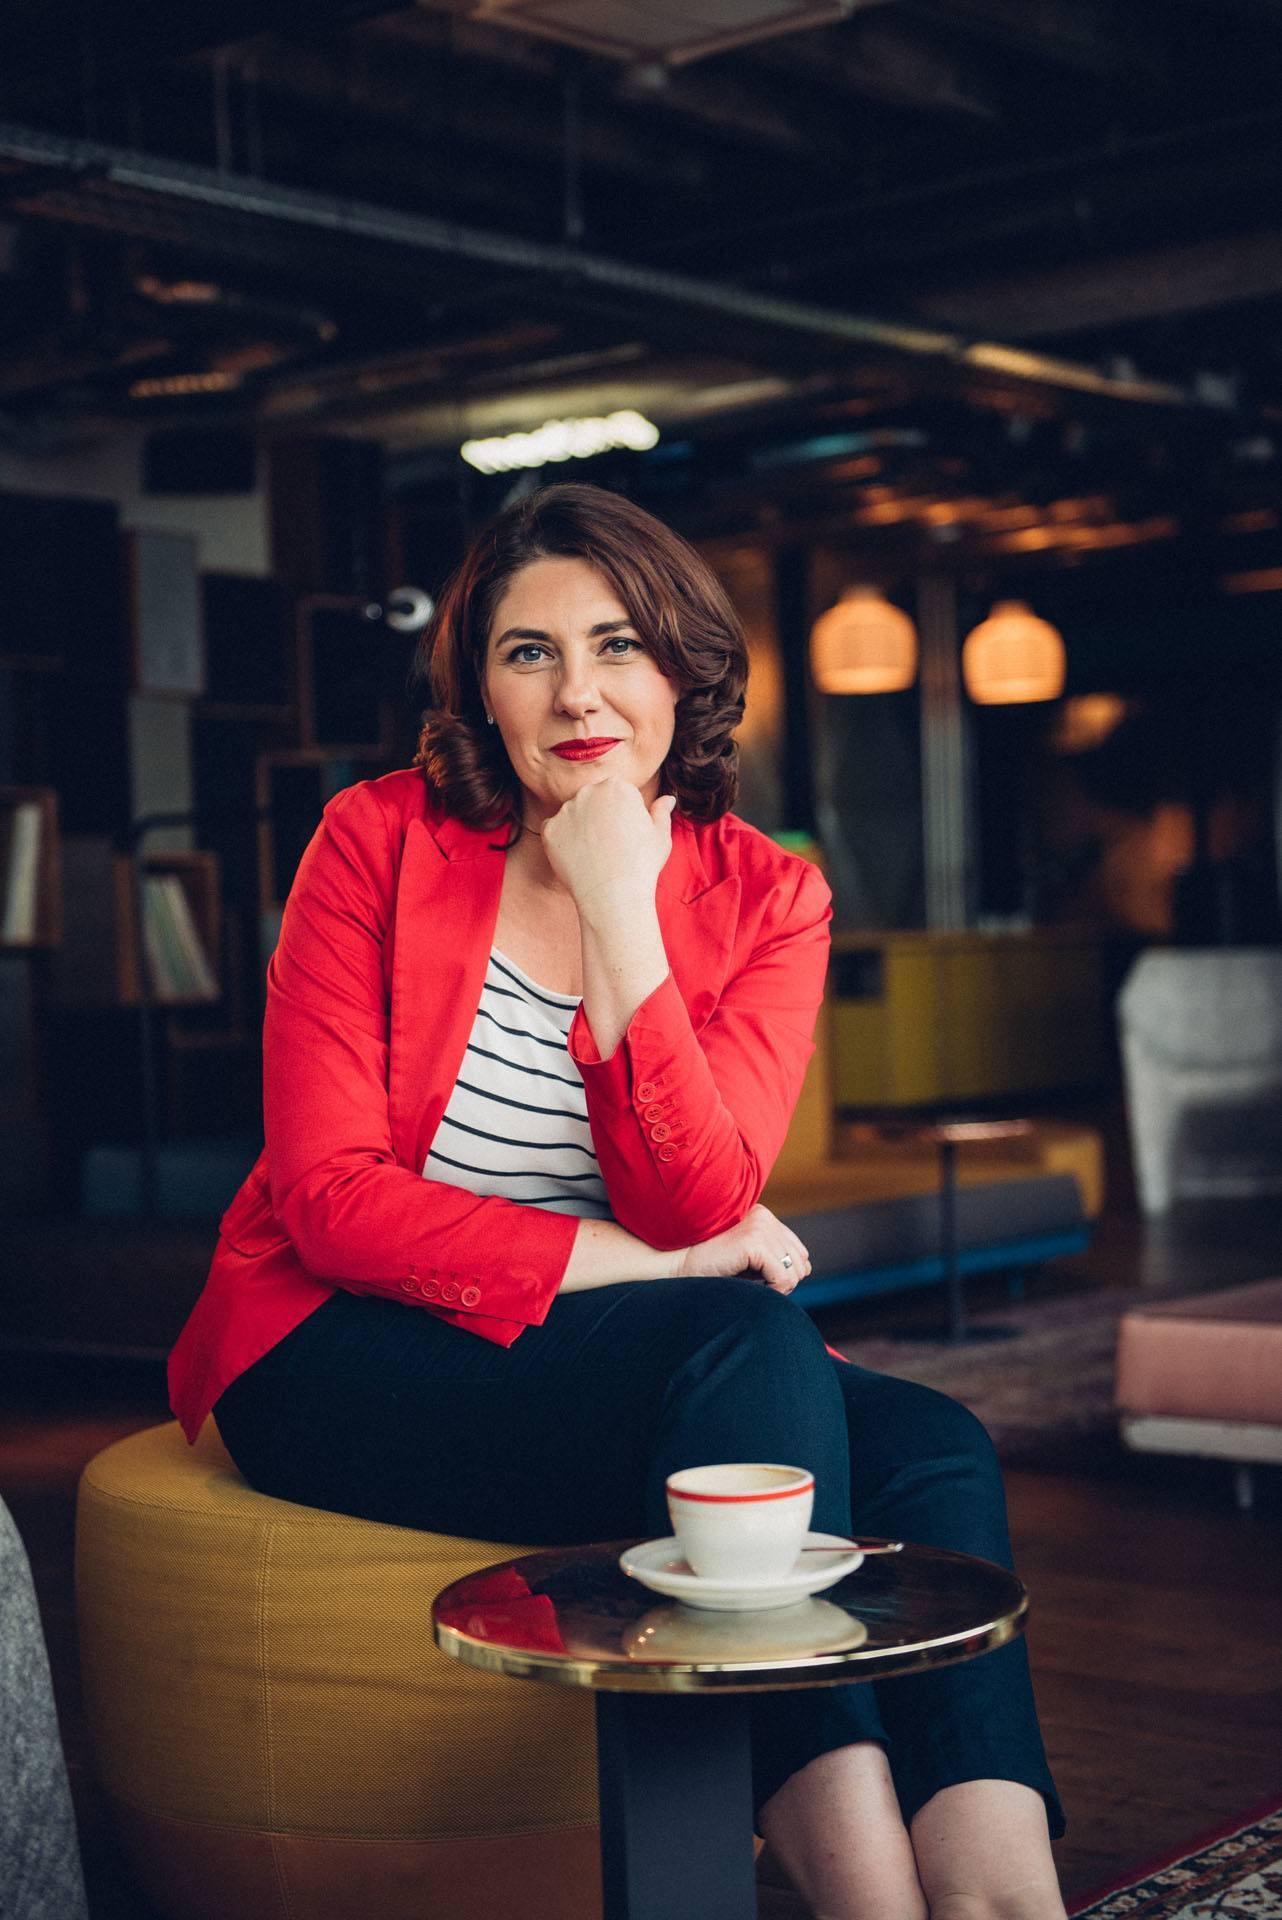 Ein weiblicher Coach mit rotem Blazer sitzt in einem Cafe und lächelt in die Kamera